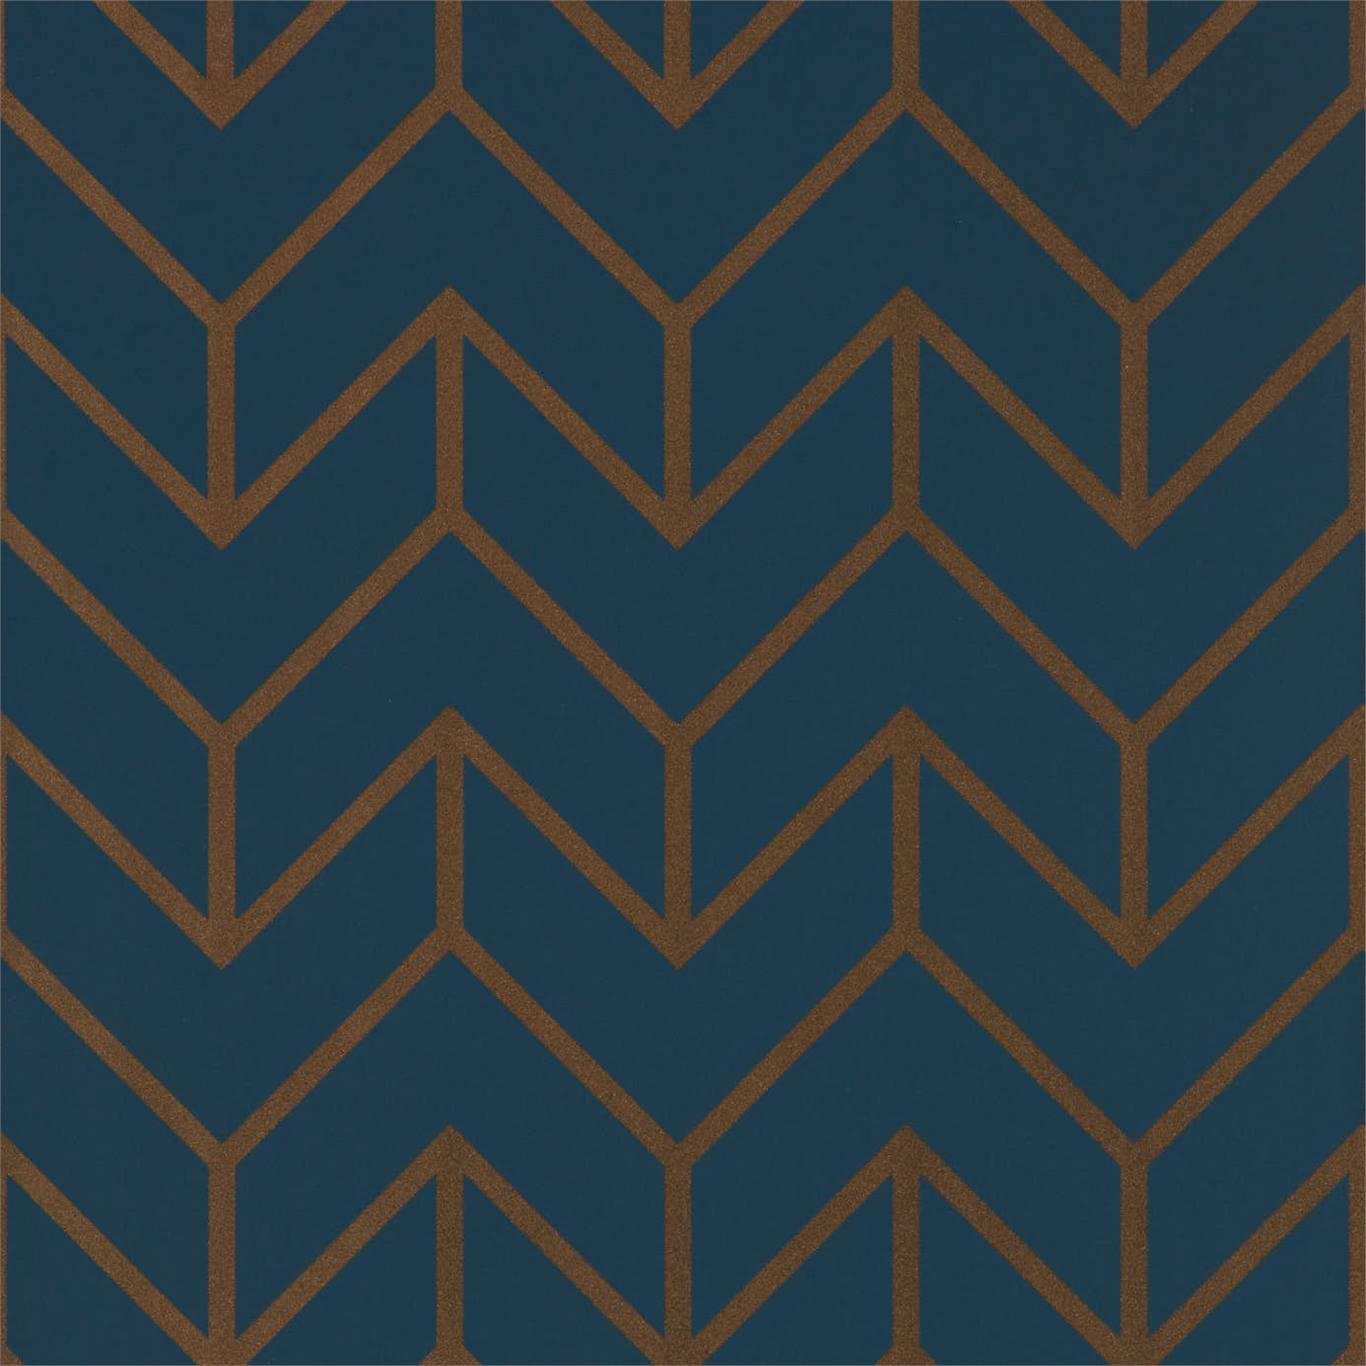 tapetai tapetai Harlequin, Momentum 5, Tessellation, 111986